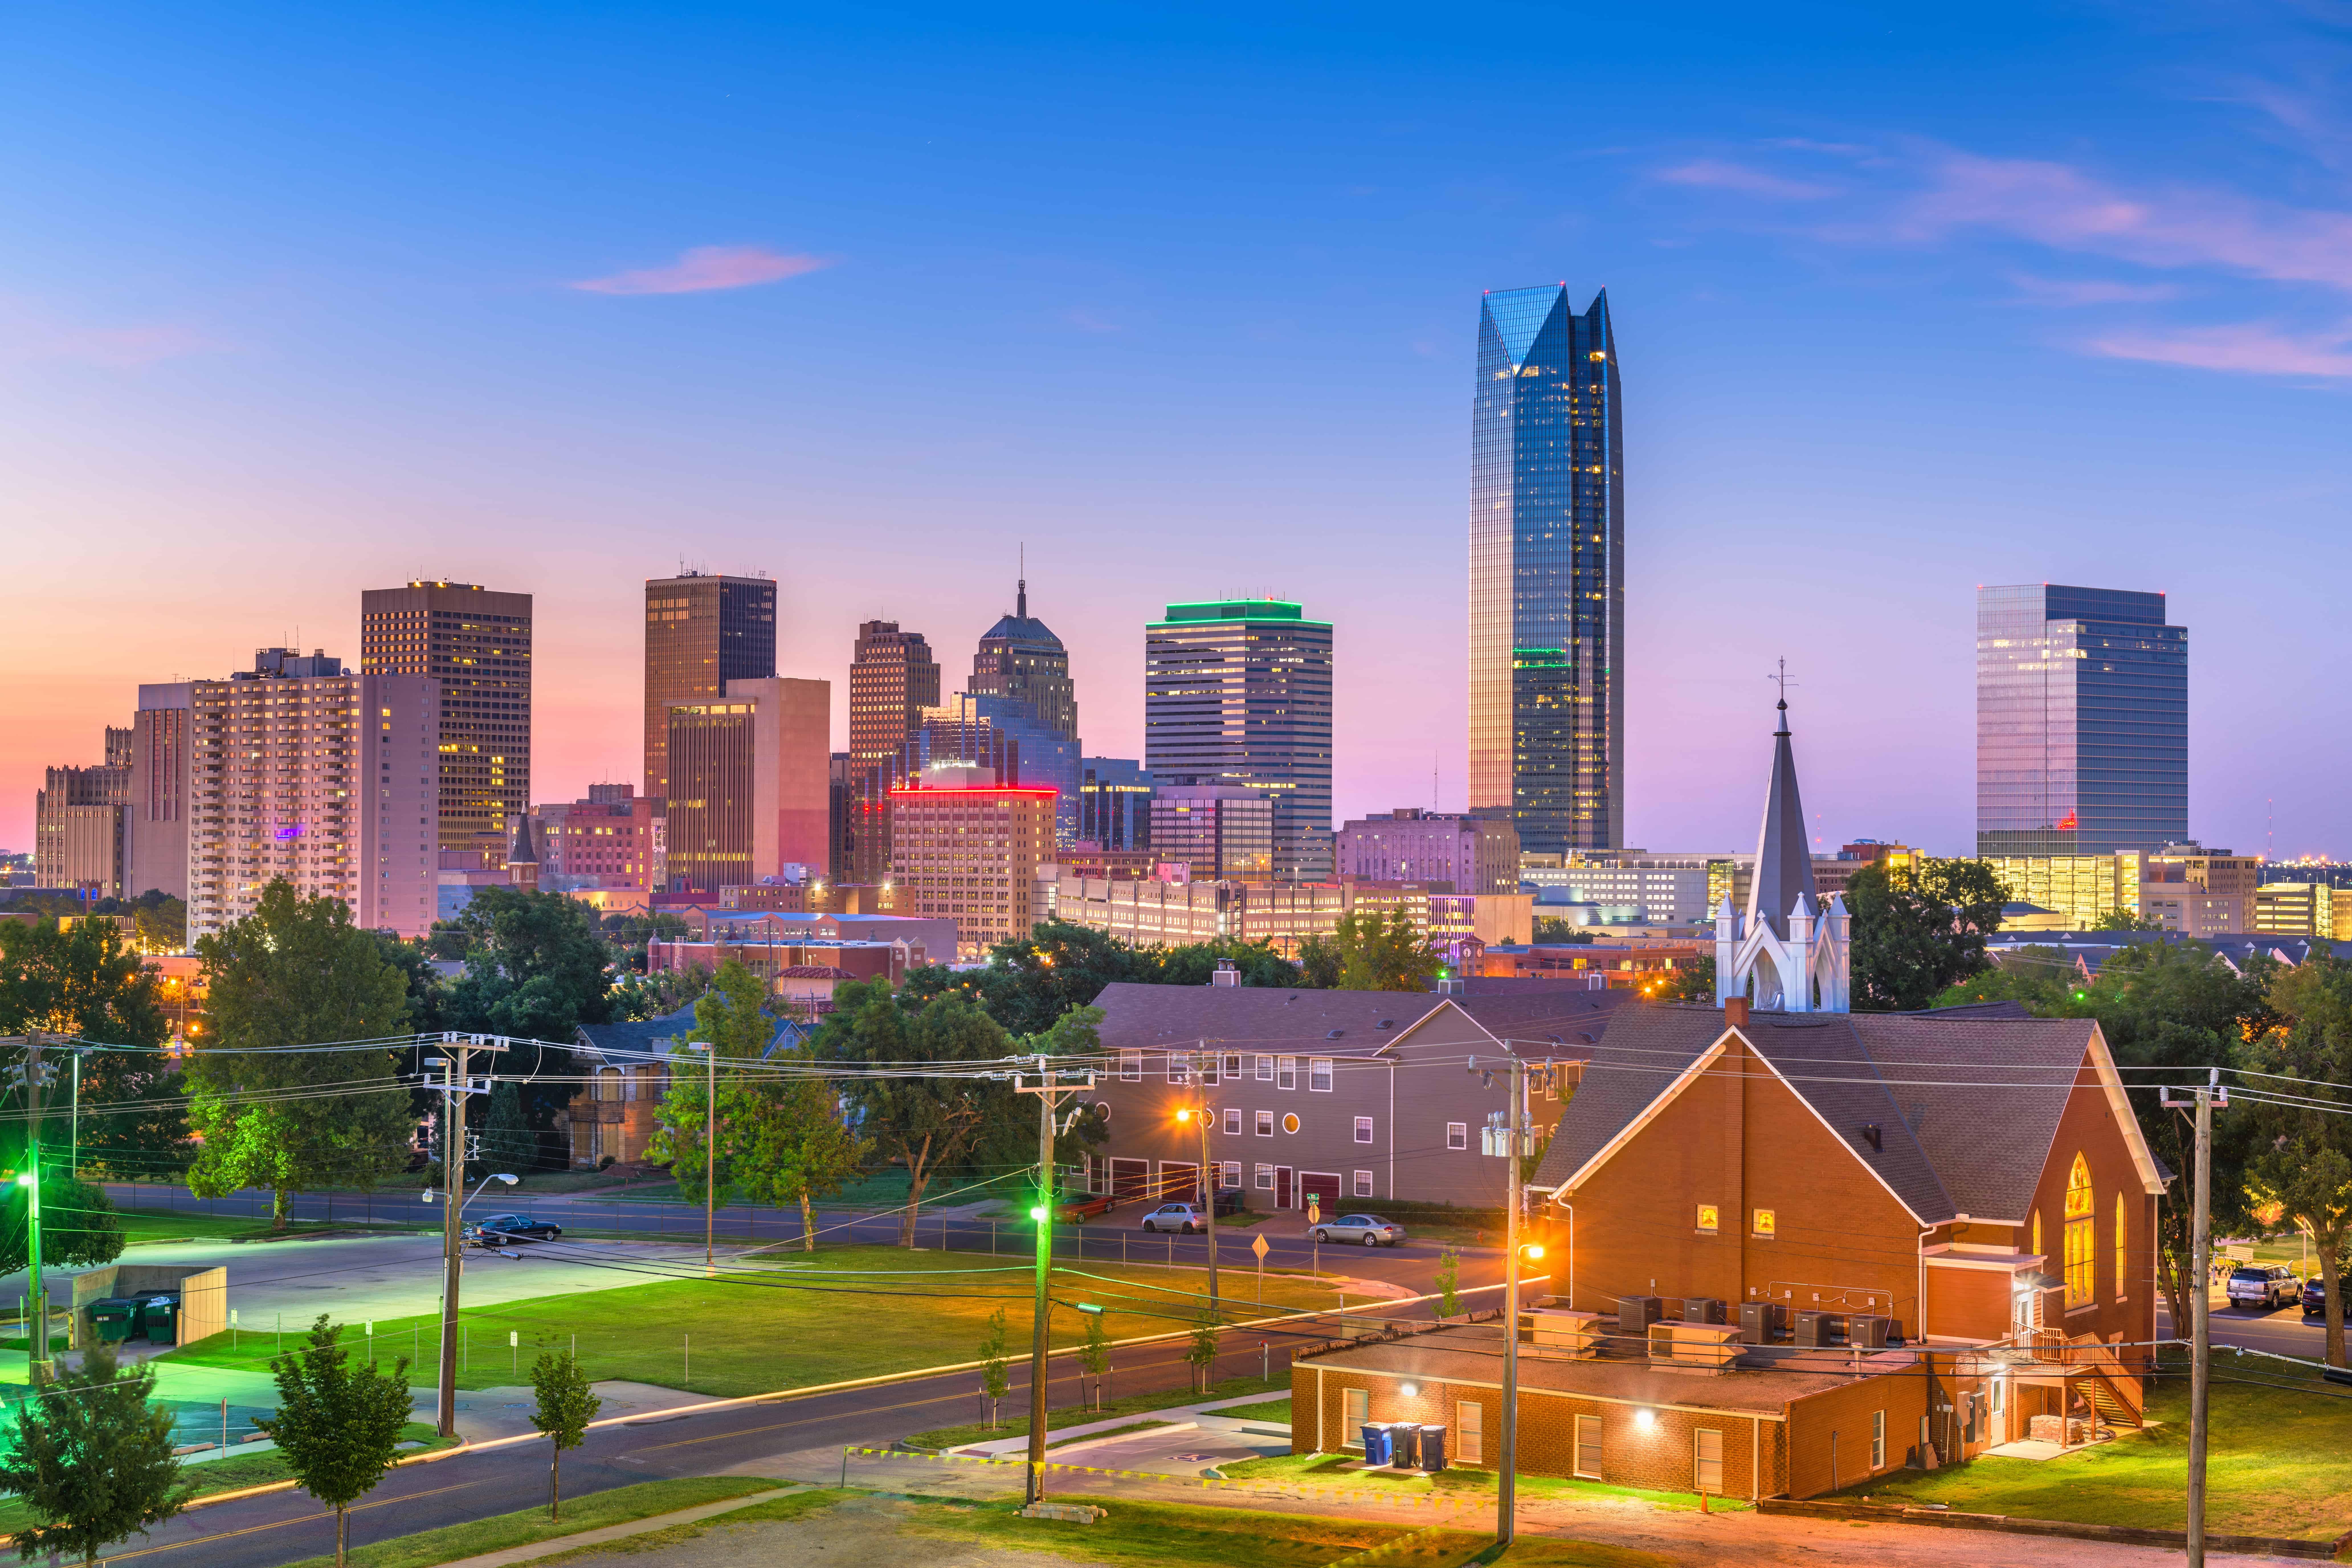 Universities In Oklahoma >> Top 25 Best Colleges Universities In Oklahoma 2019 2020